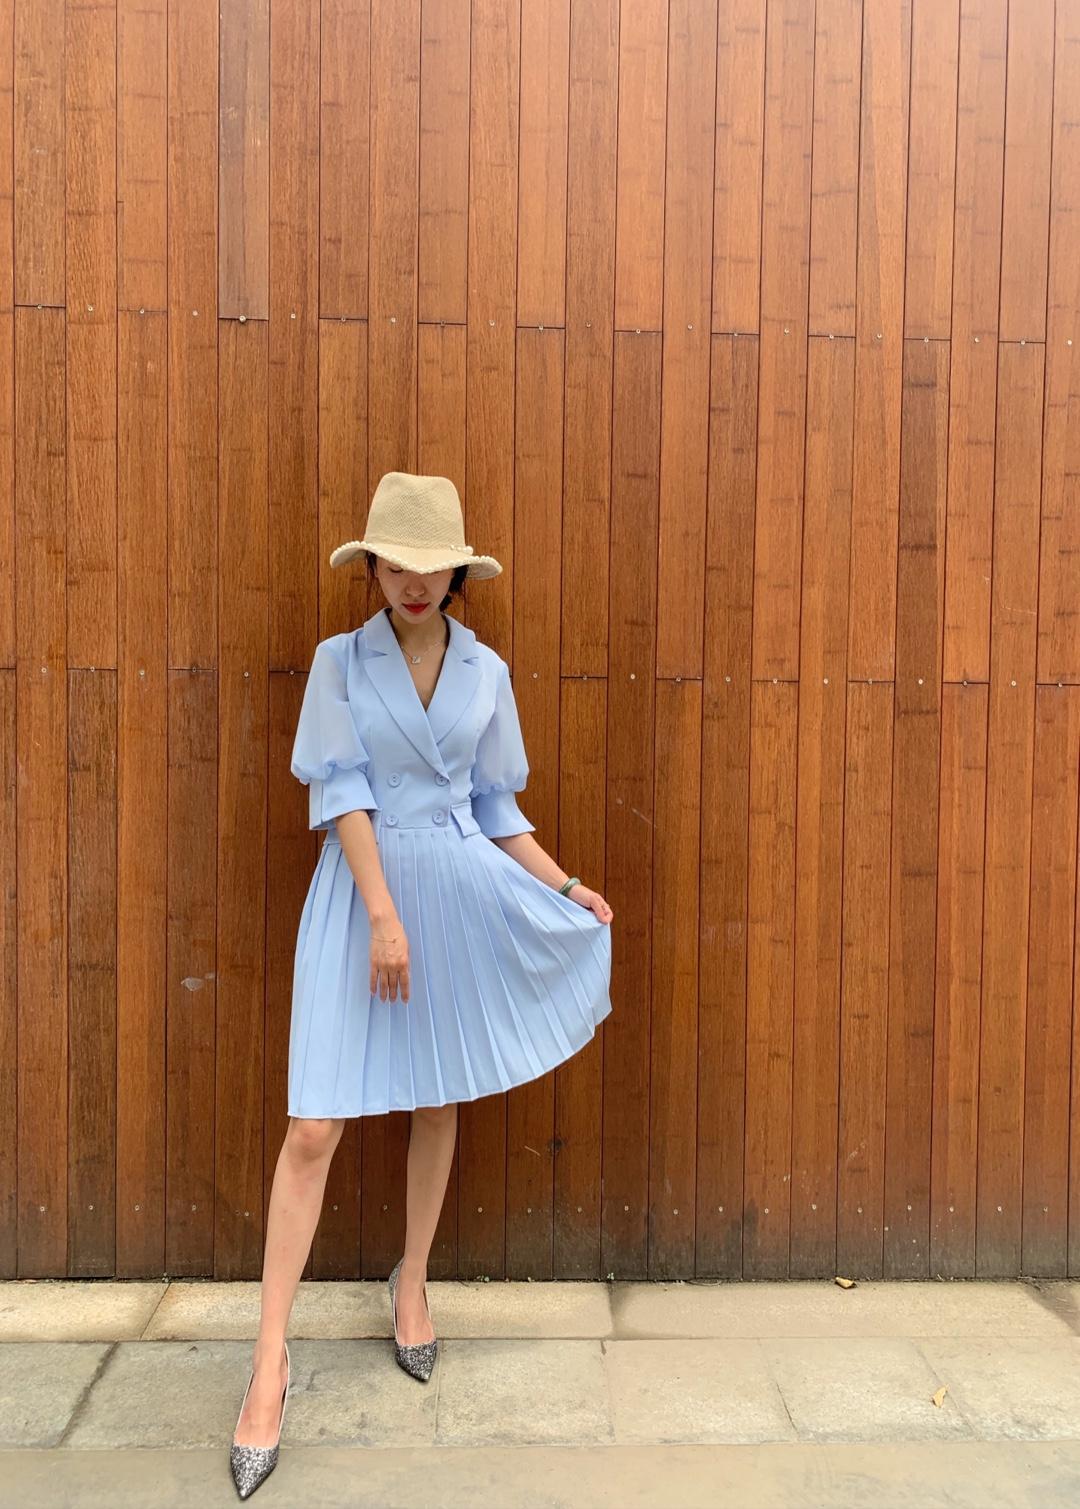 今日推荐💙 水蓝色的裙子,好美呀。🍡 这件衣服又淑女,又带一些职业女性的干练。🧩 穿上立马就是一个美美的仙女🍭 搭上一双亮晶晶的高跟鞋。🍢 再搭一个帽子。🍒 这样就可以美美出街了。🍓 显高,显瘦。💫🌙🌟✨⚡️⭐️🌈#显高显瘦噢~#